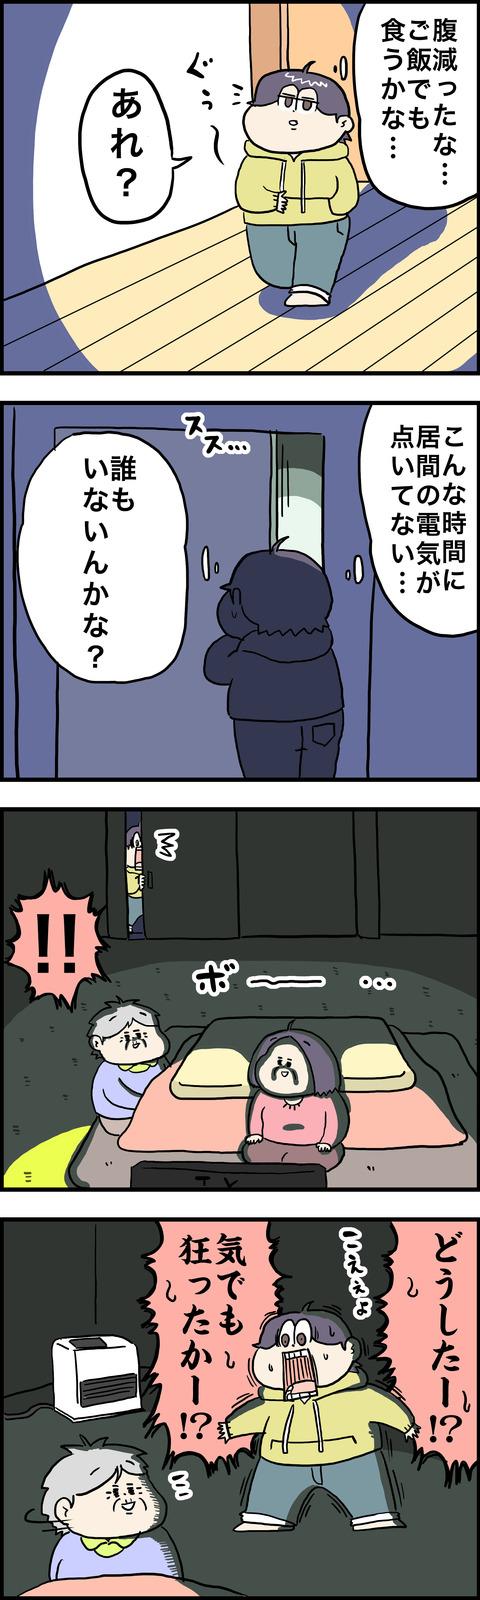 4コマ 暗い